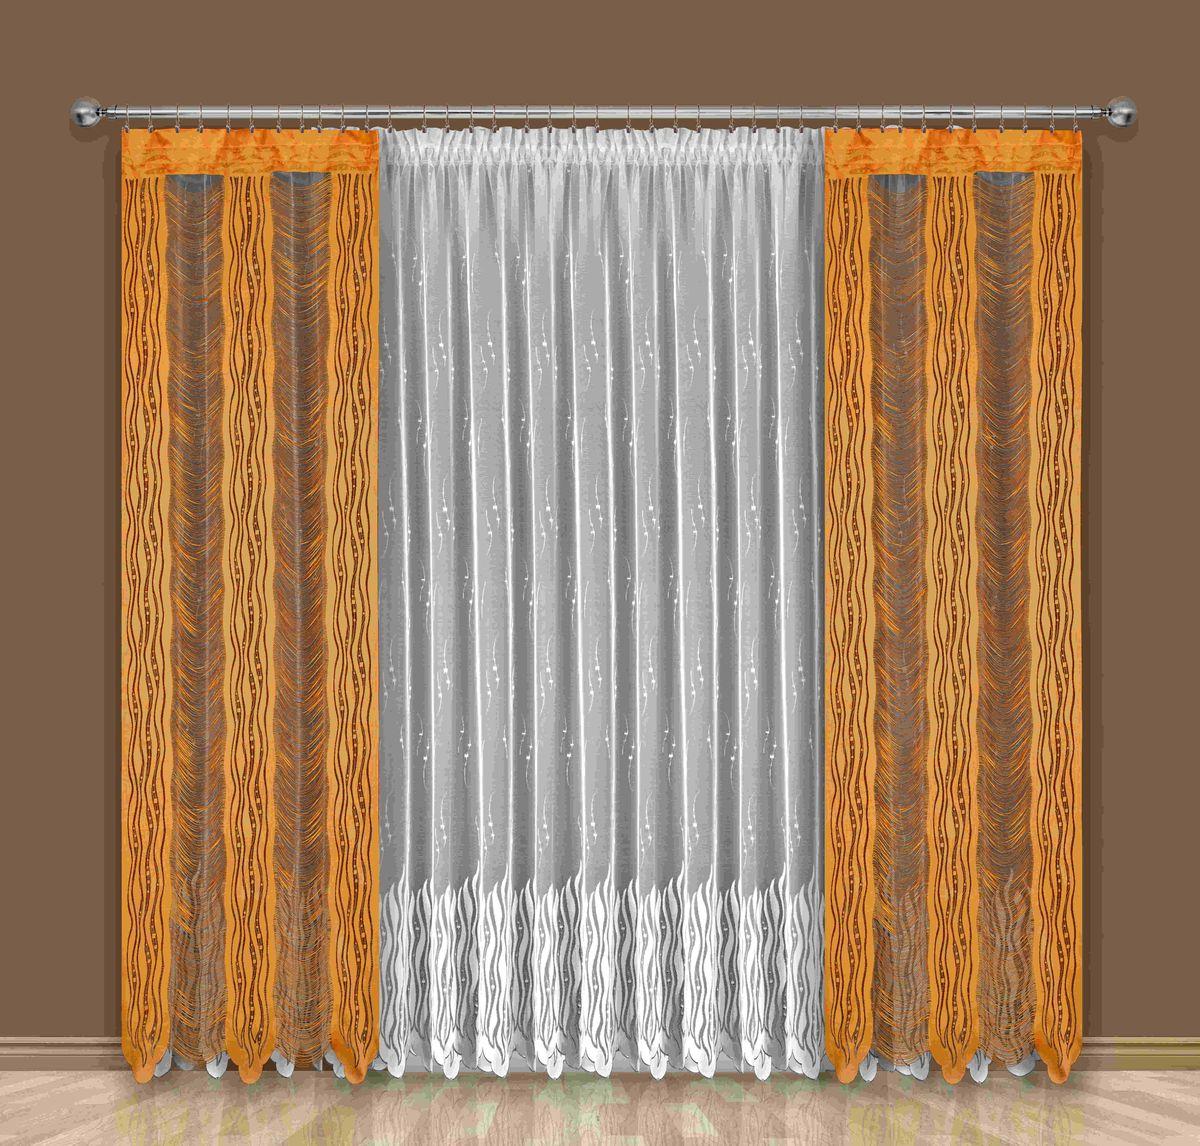 Комплект штор Wisan Alba, на ленте, цвет: белый, оранжевый, высота 250 см